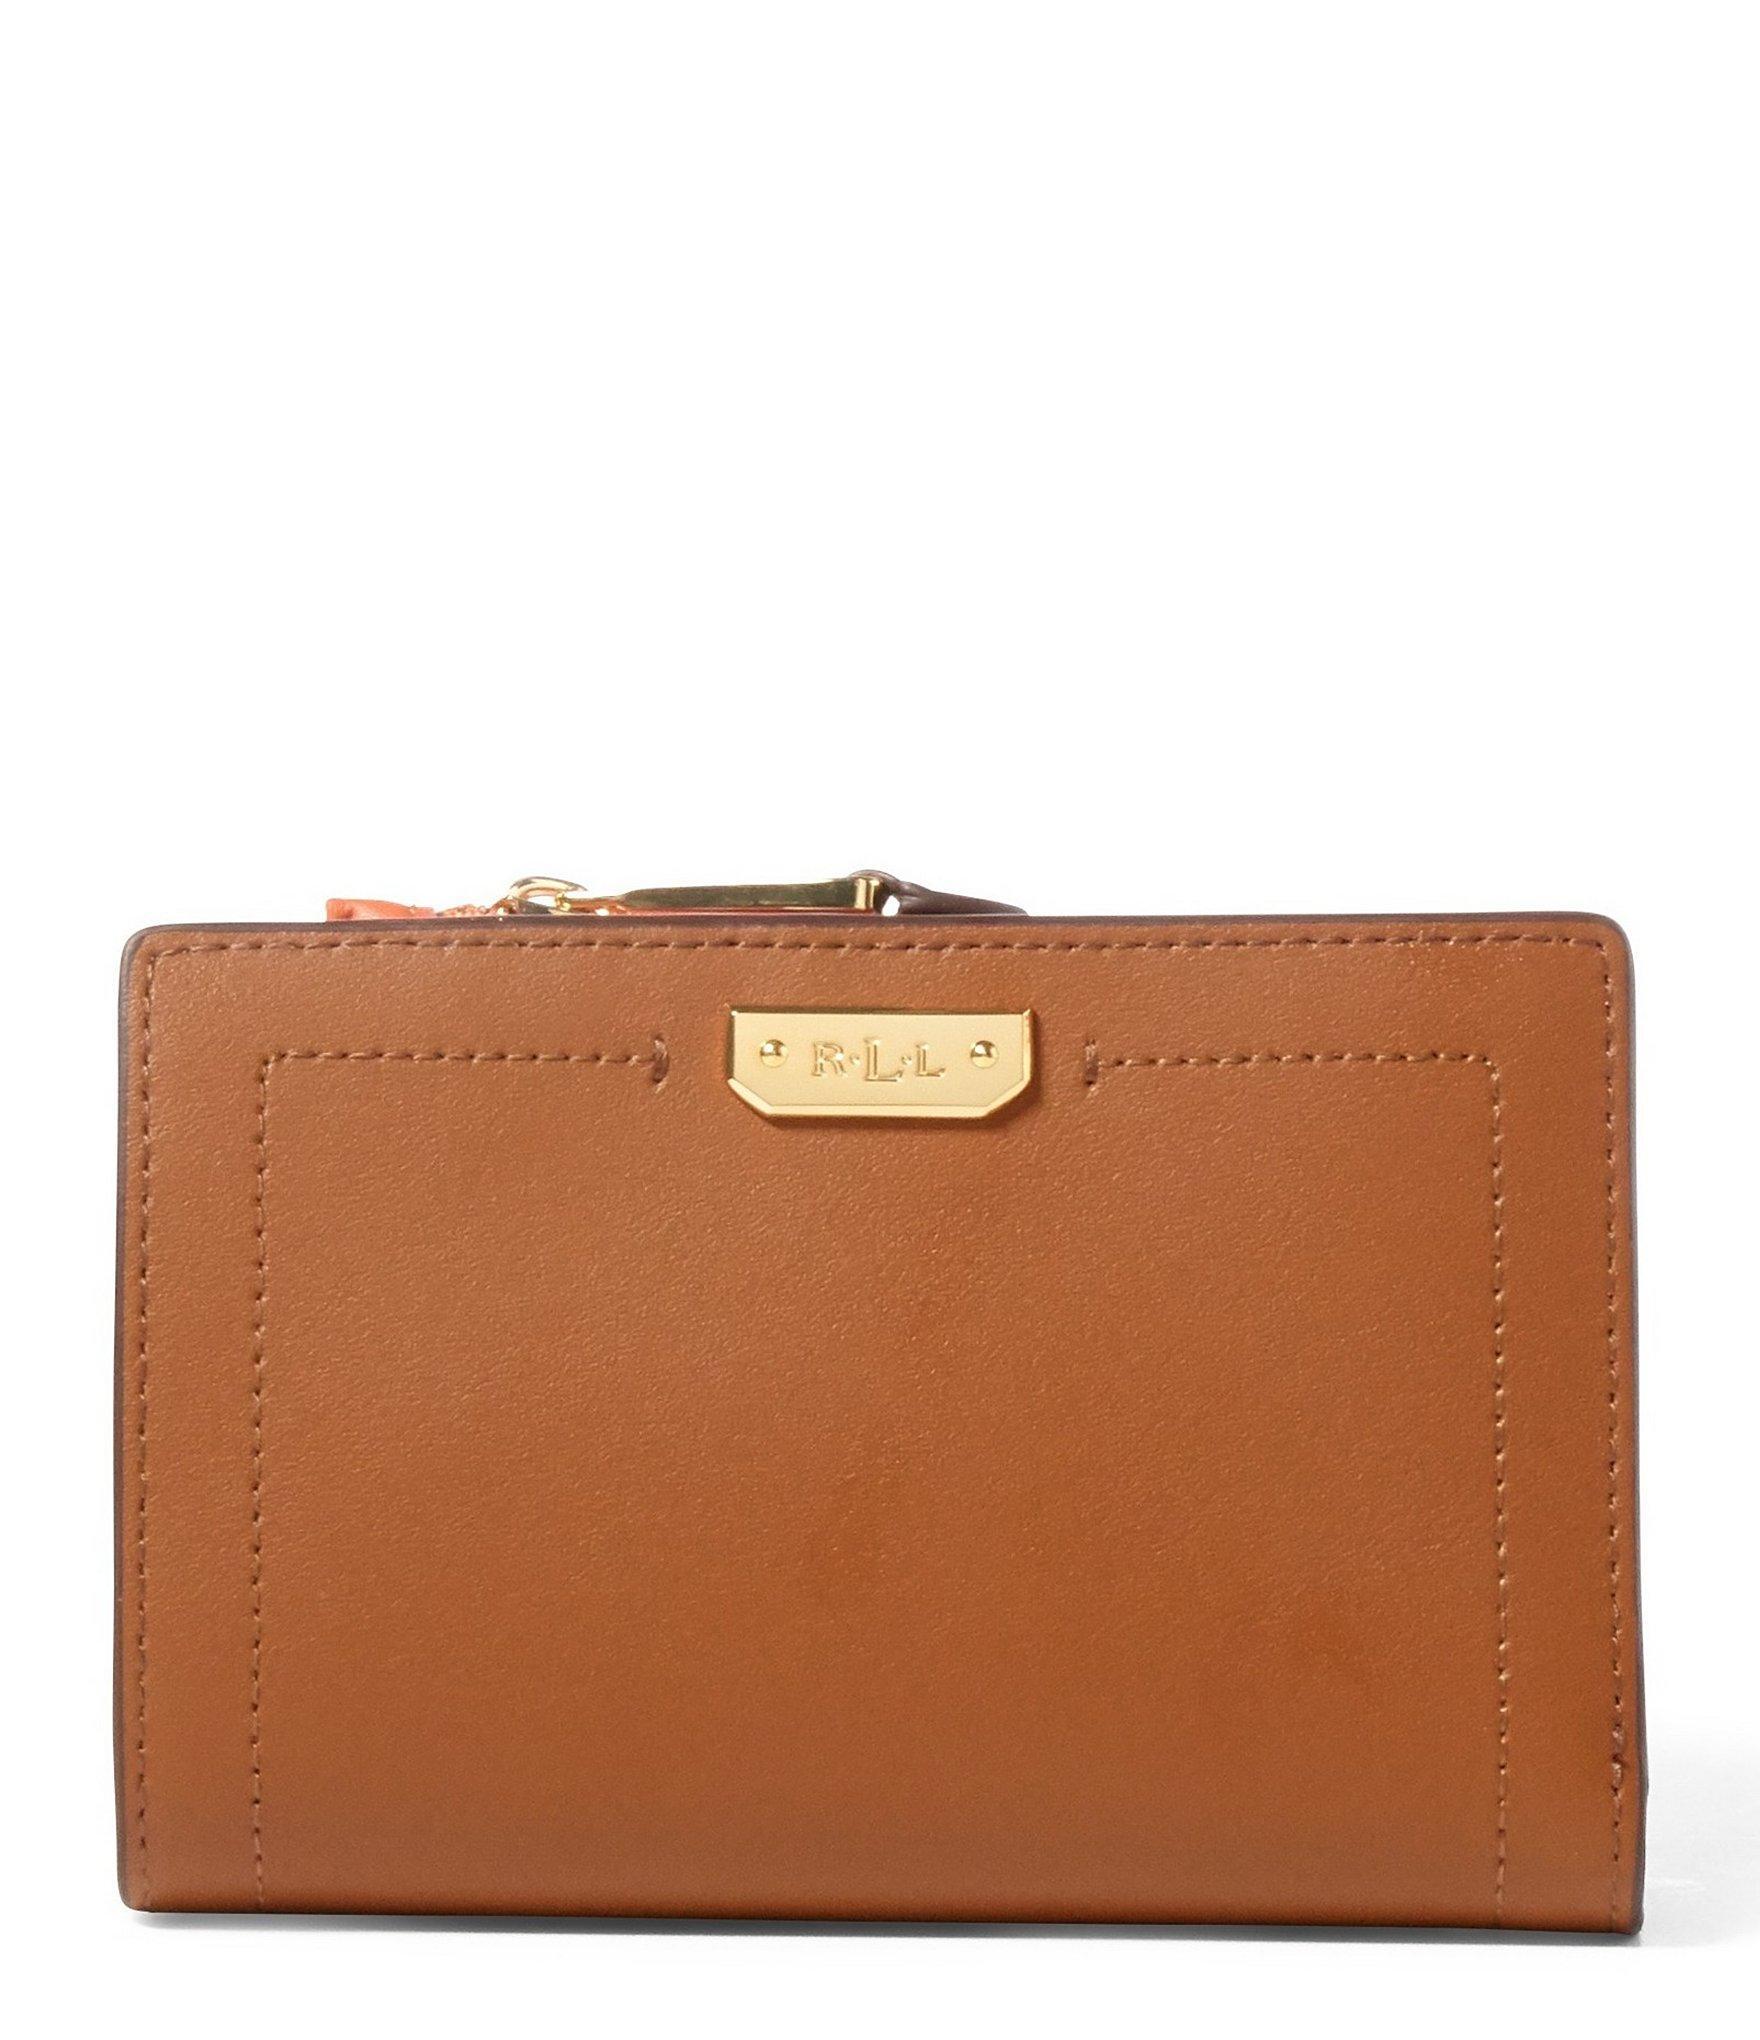 lauren by ralph lauren dryden collection compact wallet in brown